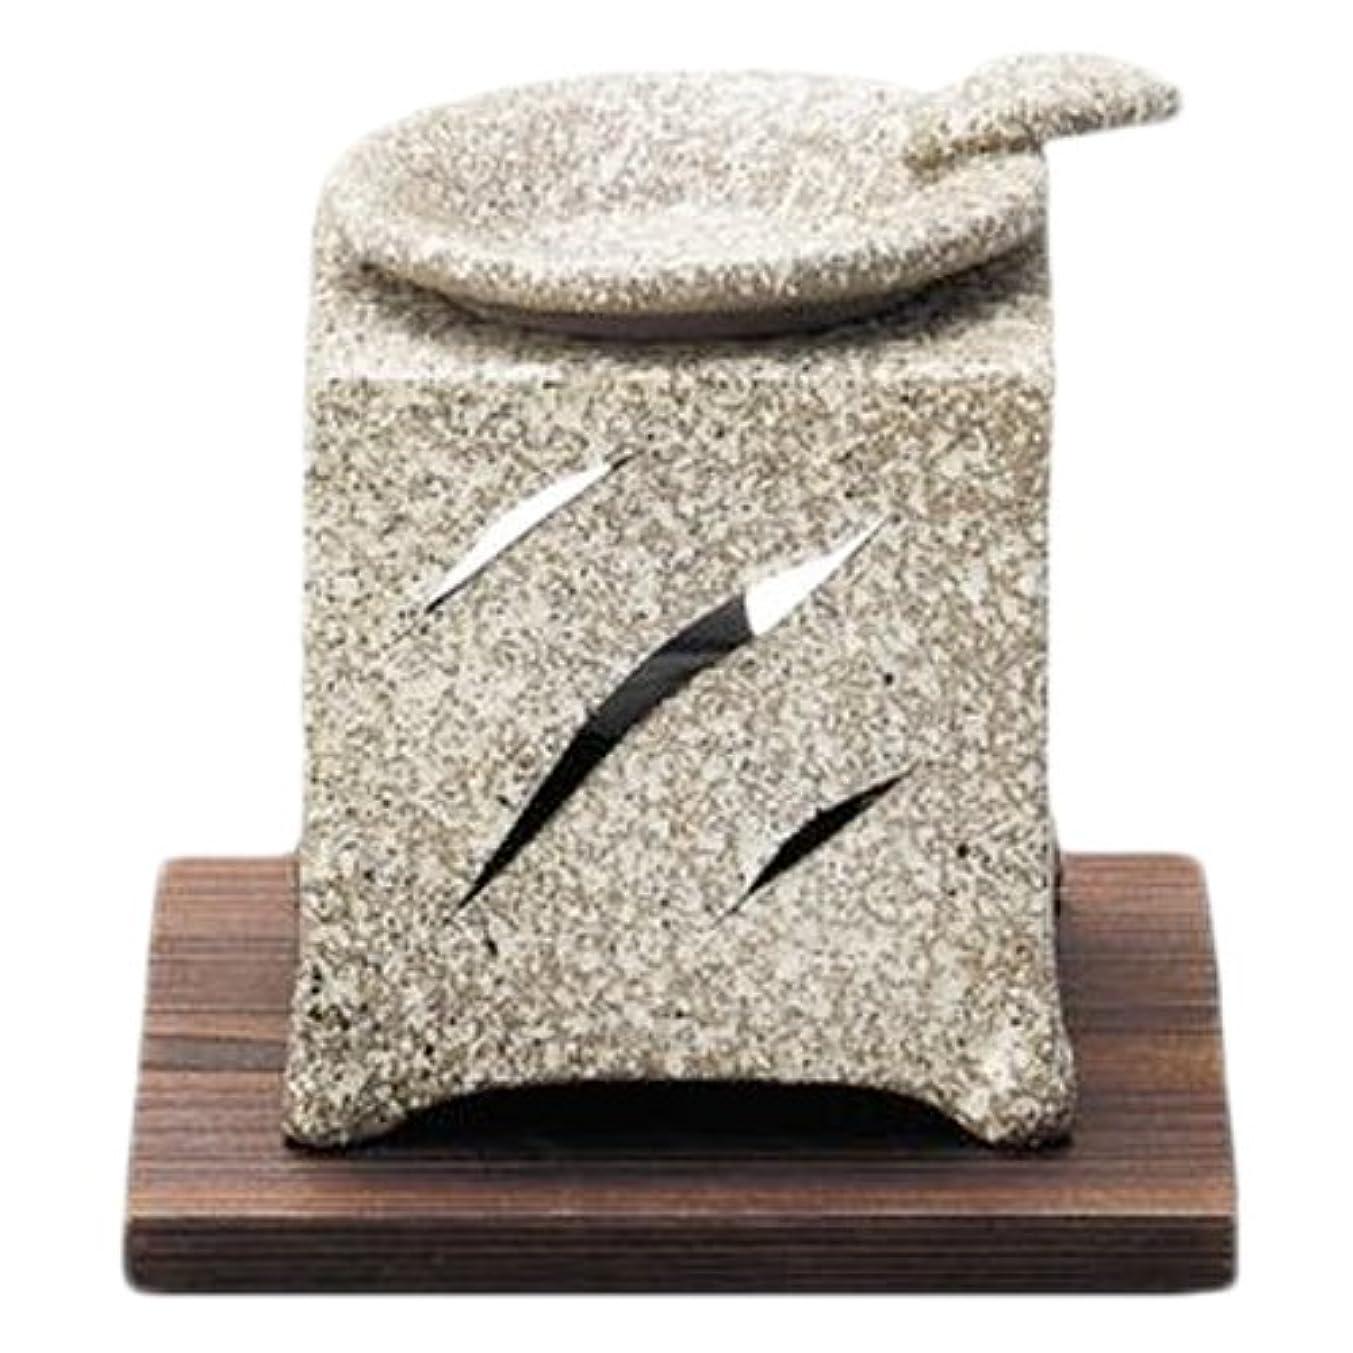 泥沼執着アミューズメント常滑焼5-261山房 石風角形茶香炉 AM-T1054